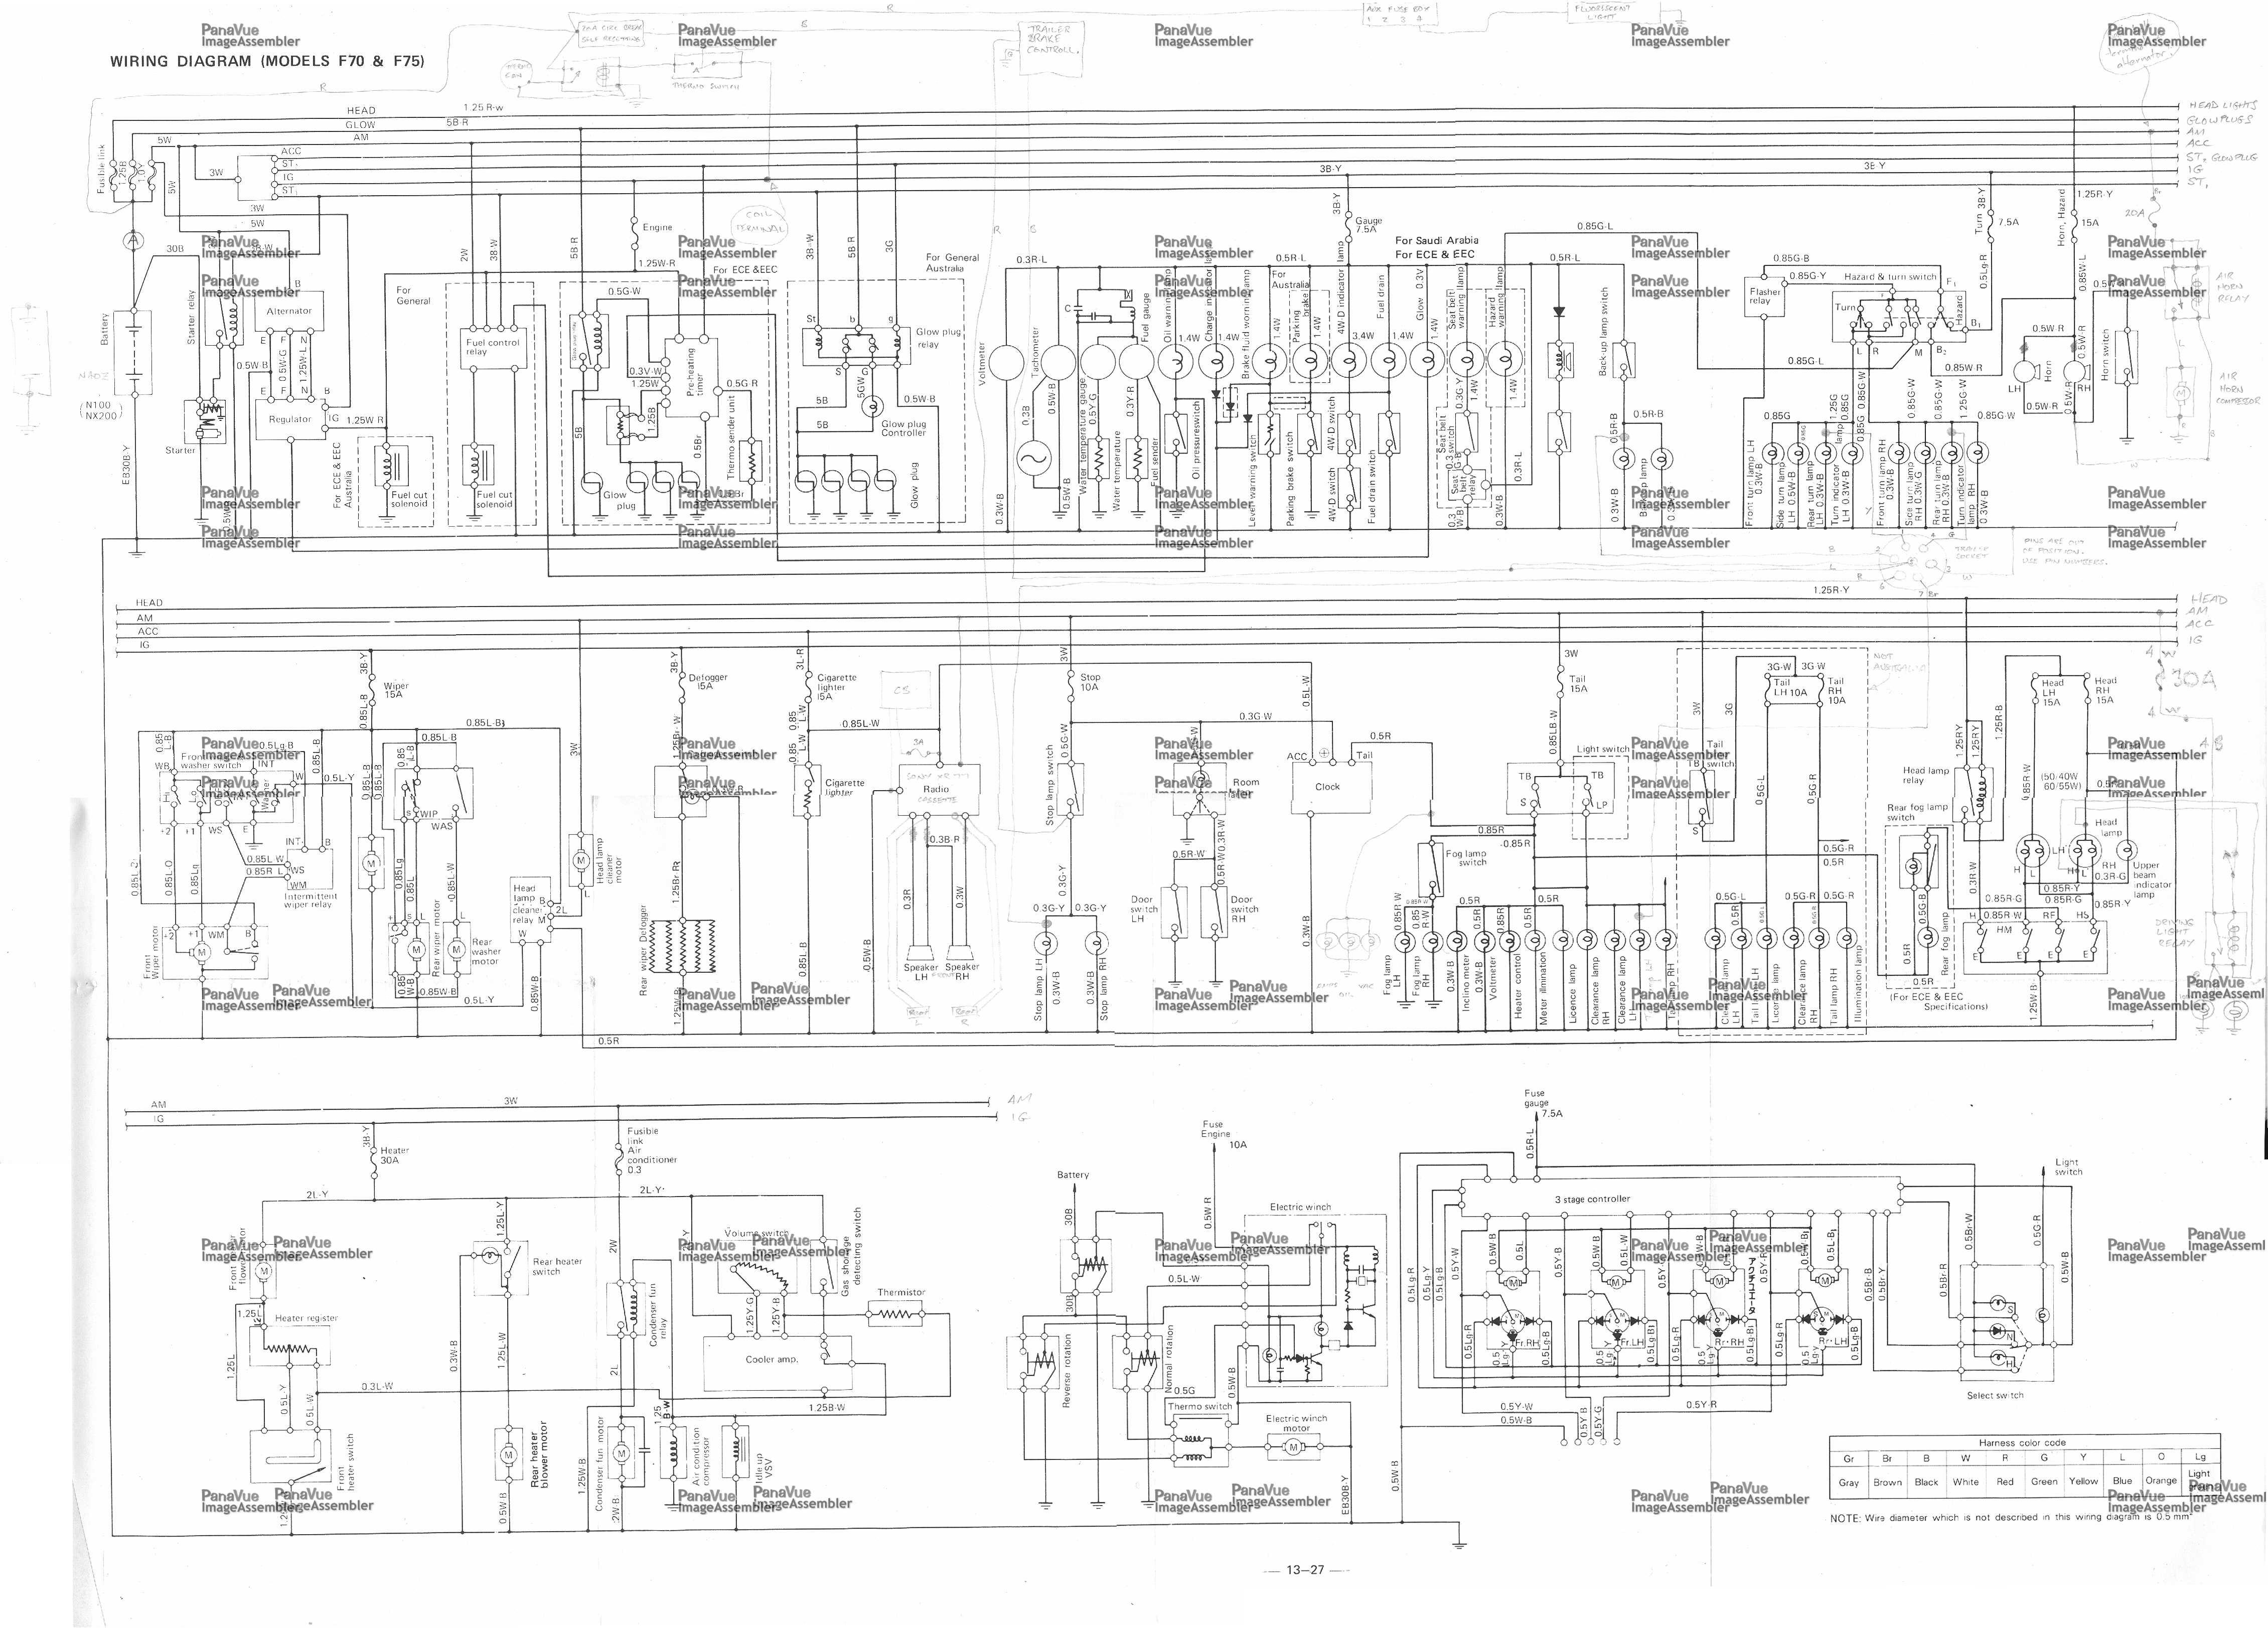 1953 Ford Wiring Diagram Pdf Schematics 1956 Willys Truck Schematic Diagrams 1960